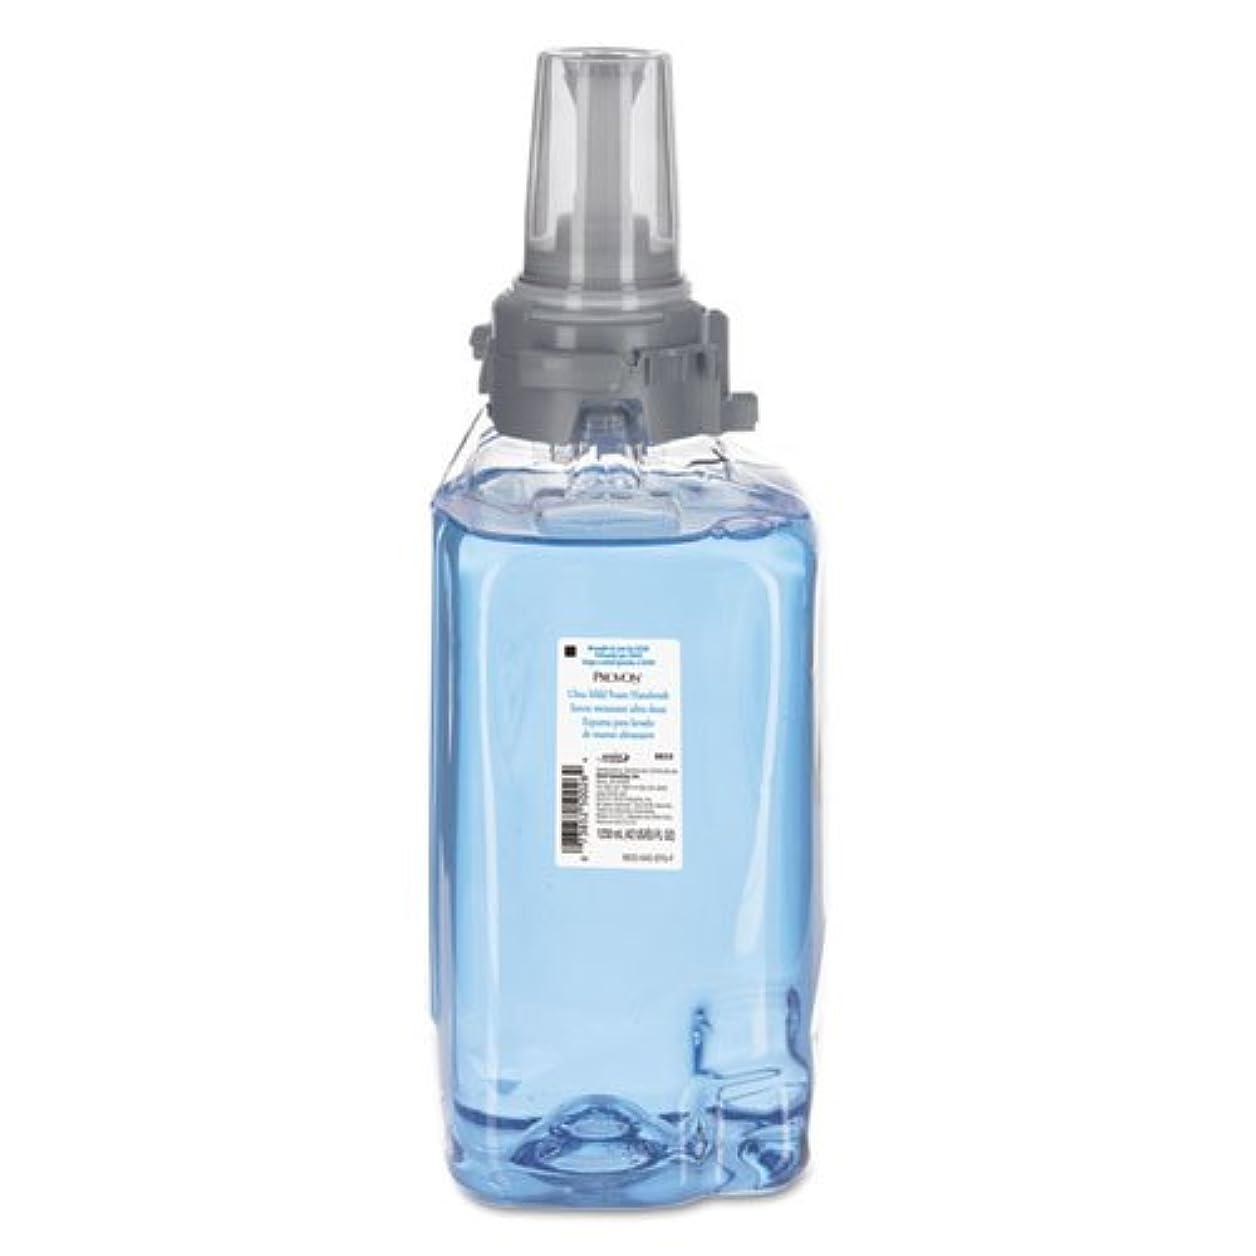 資本力強い廃棄するGOJO 超中性フォームハンドウォッシュ、フレッシュな香り、1250ml詰め替え、3/カートン。